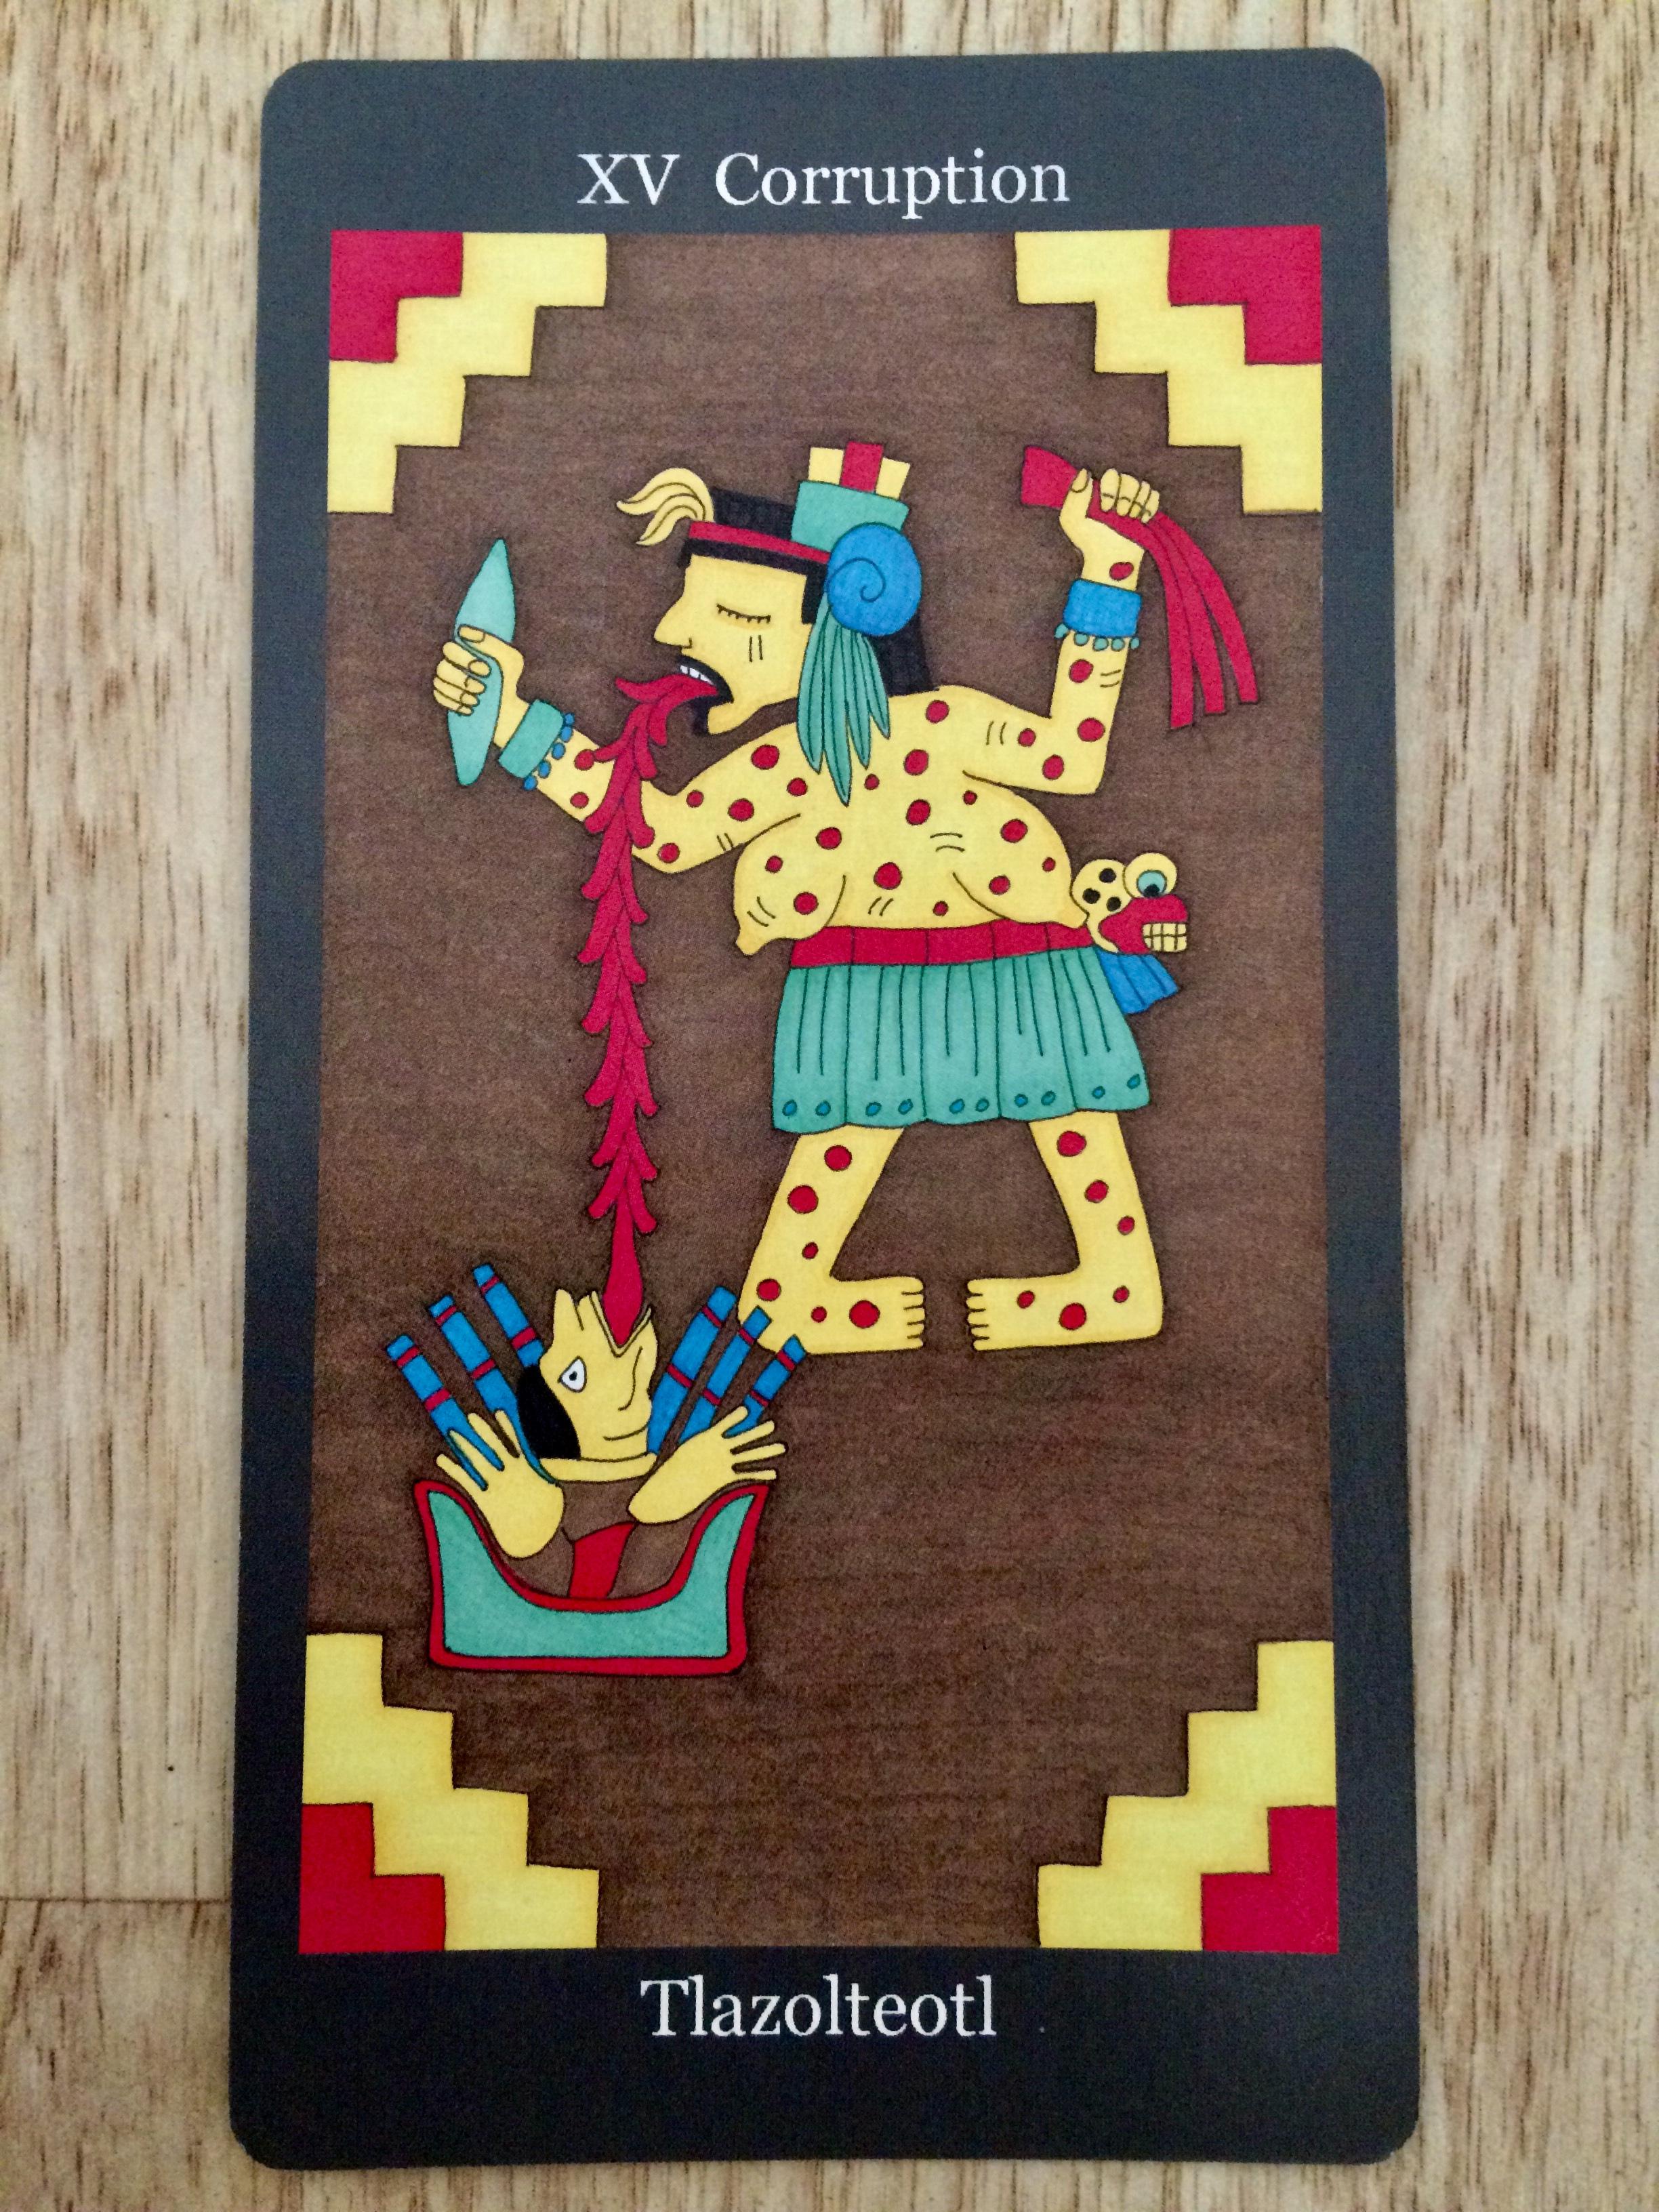 'Corruption',Tlazolteotl, from  Dark Goddess Tarot